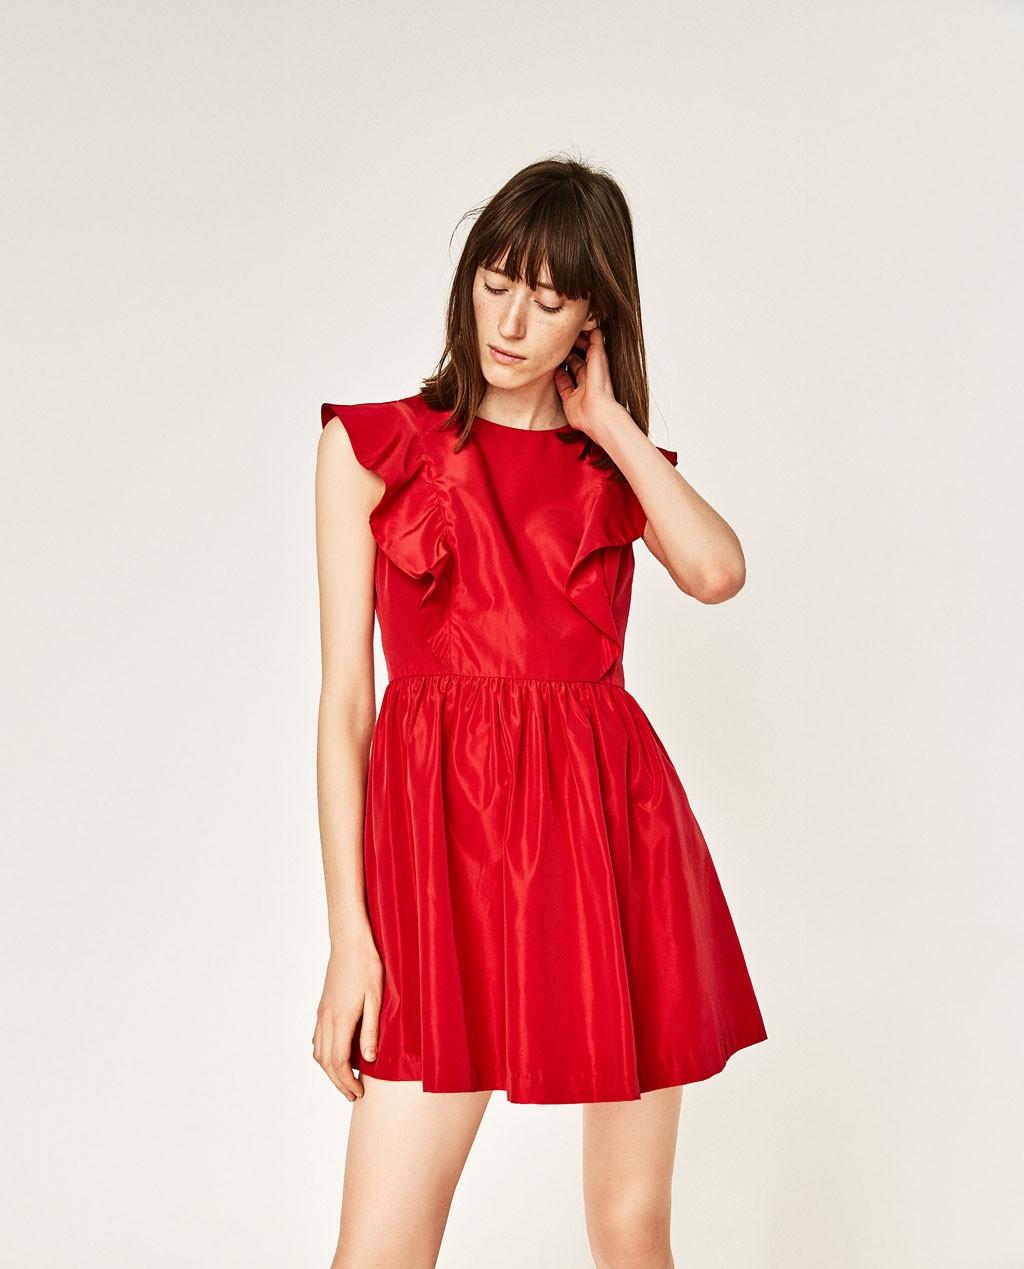 19-rochie-cu-volanase-zara-20-de-idei-de-rochii-pentru-craciun-fabulous-muses